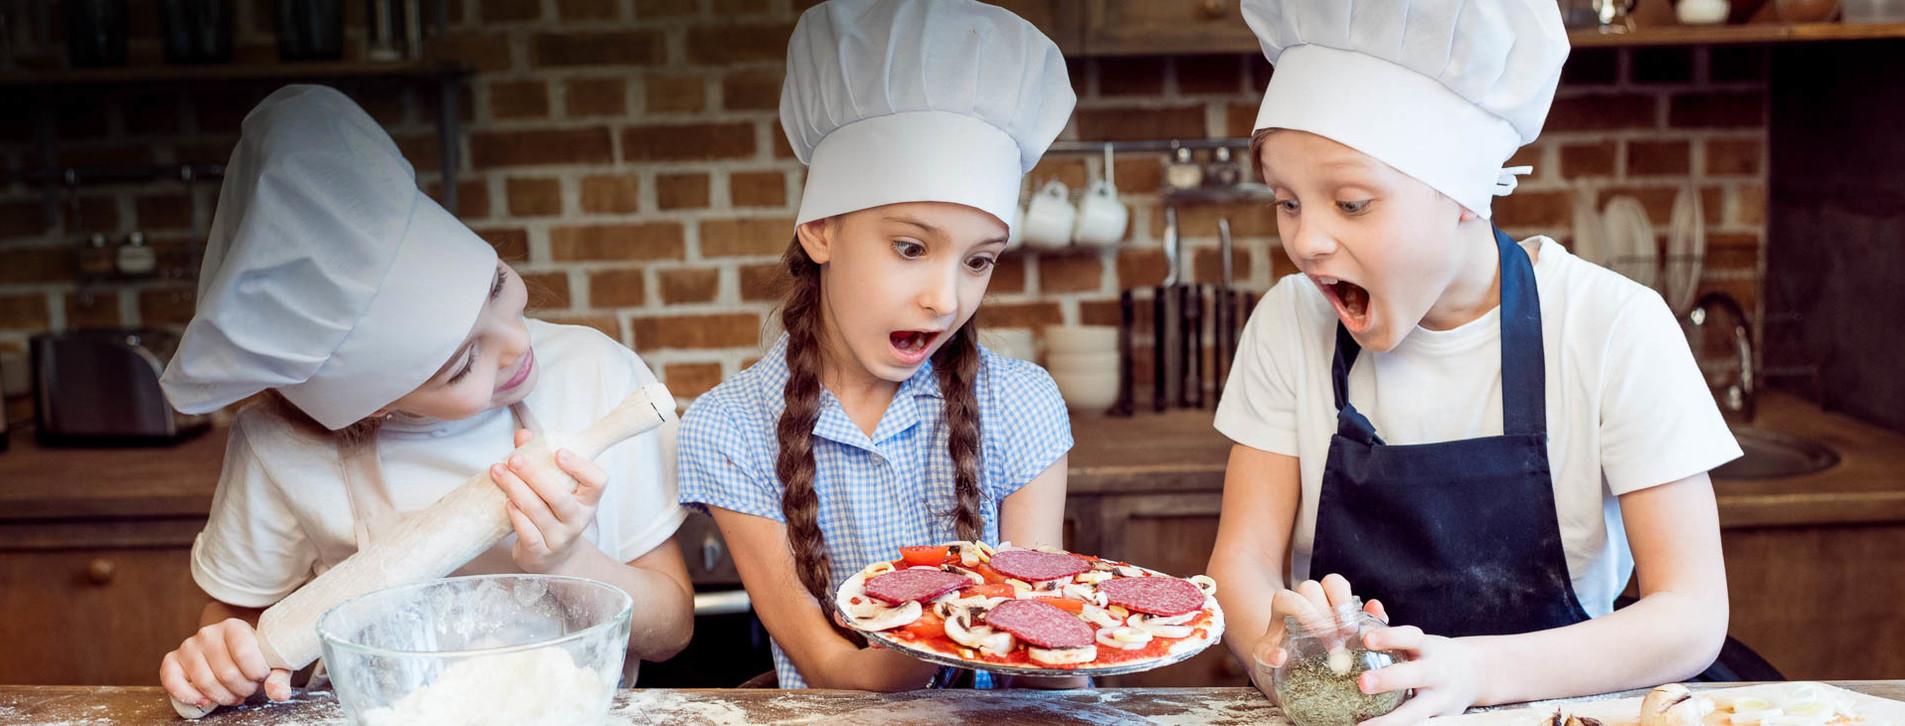 Фото 1 - Детский мастер-класс пиццы для двоих